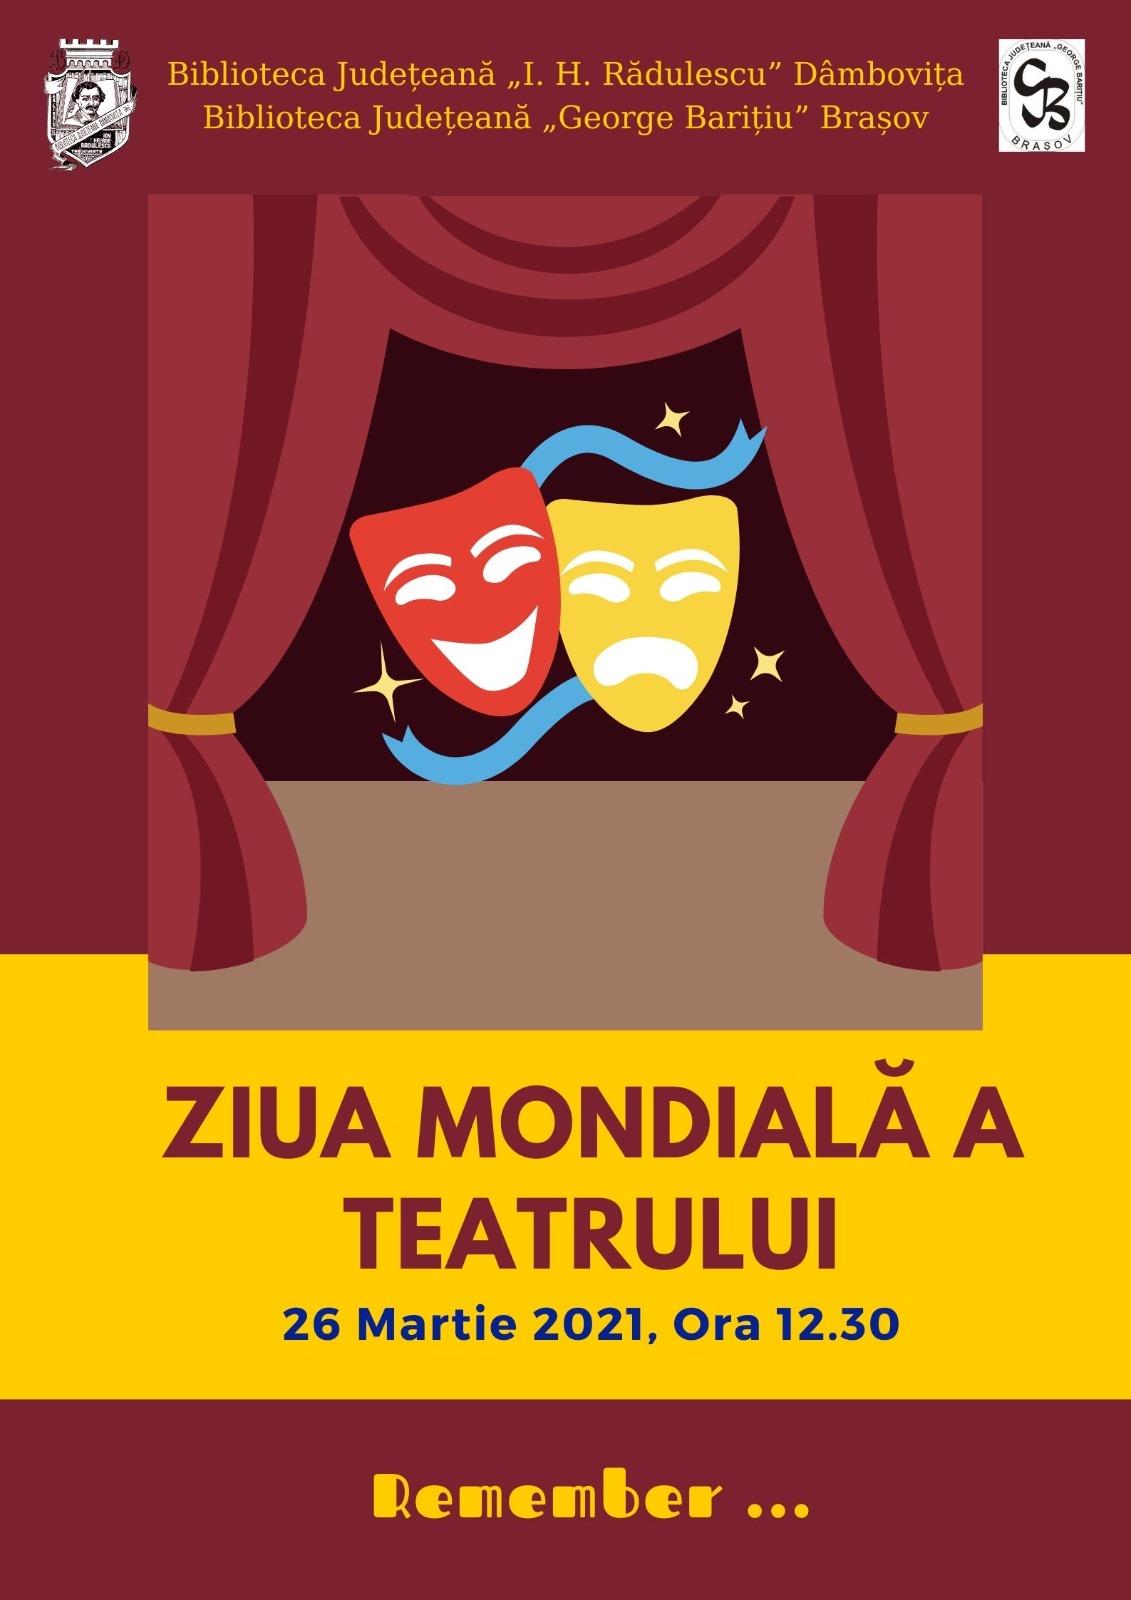 Ziua Mondiala a Teatrului - 26 martie 2021